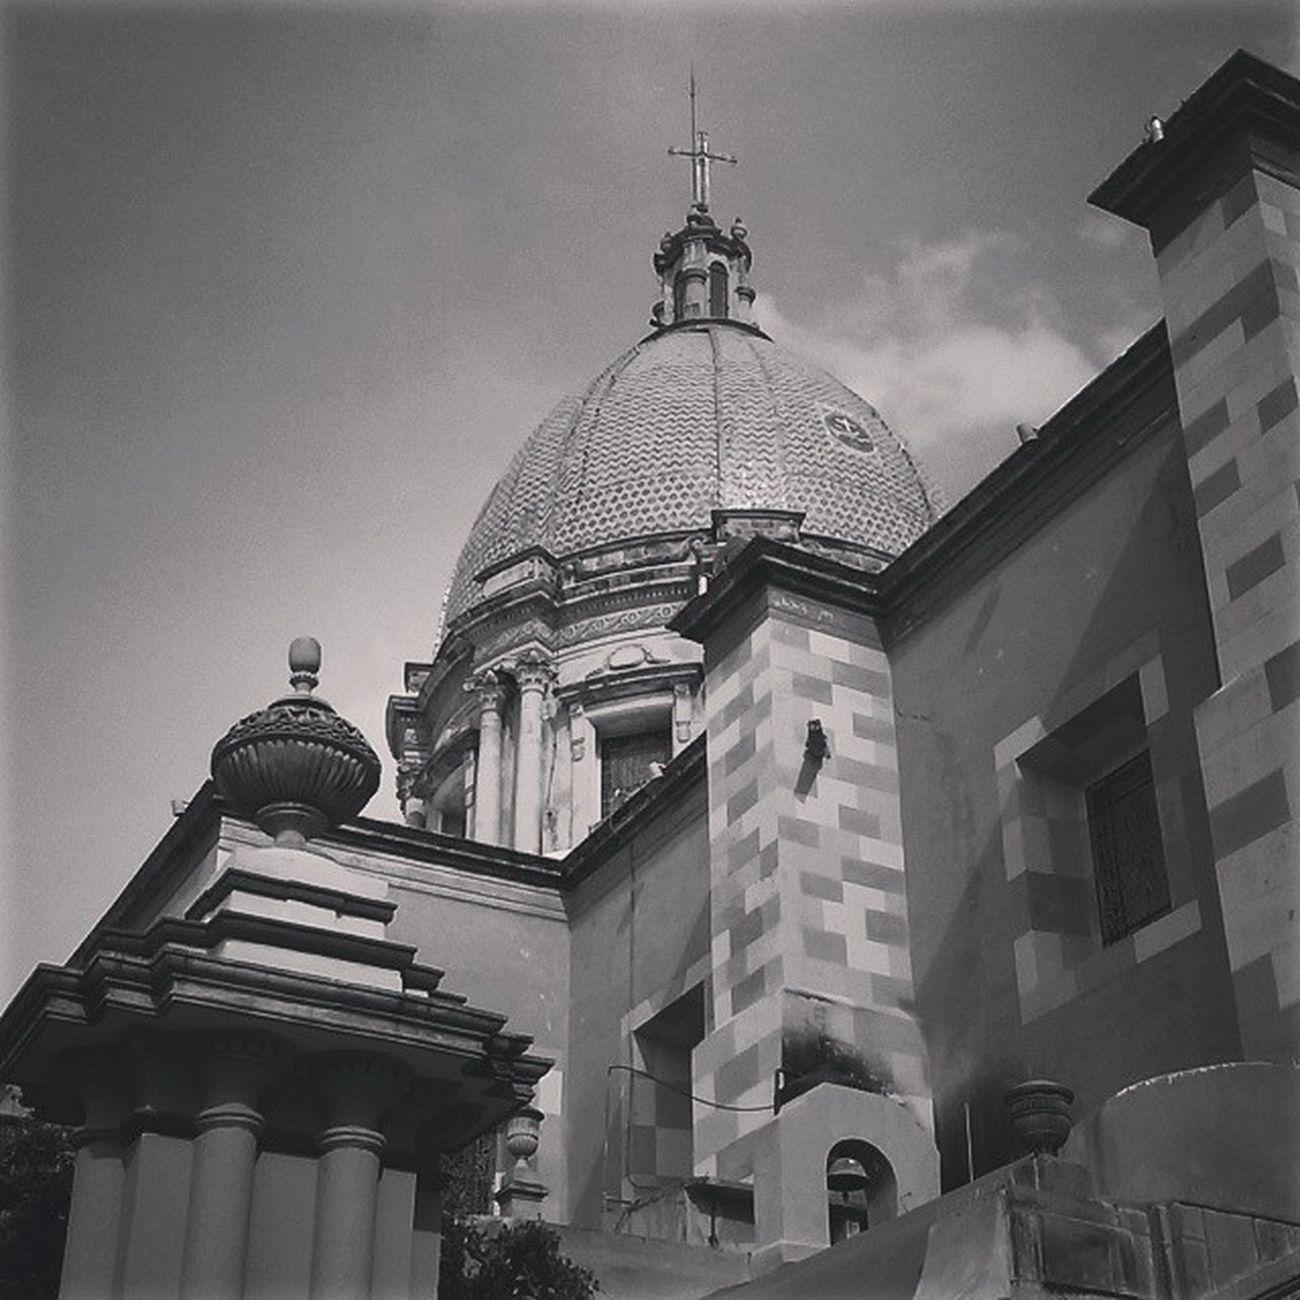 Cuando veo una cruz, recuerdo que hay religión y muerte... la unión en dos lineas, que relatan que es la unión entre lo material y lo espiritual... CelayaGto Mexico Photography Blackandwhite Arquitectura like